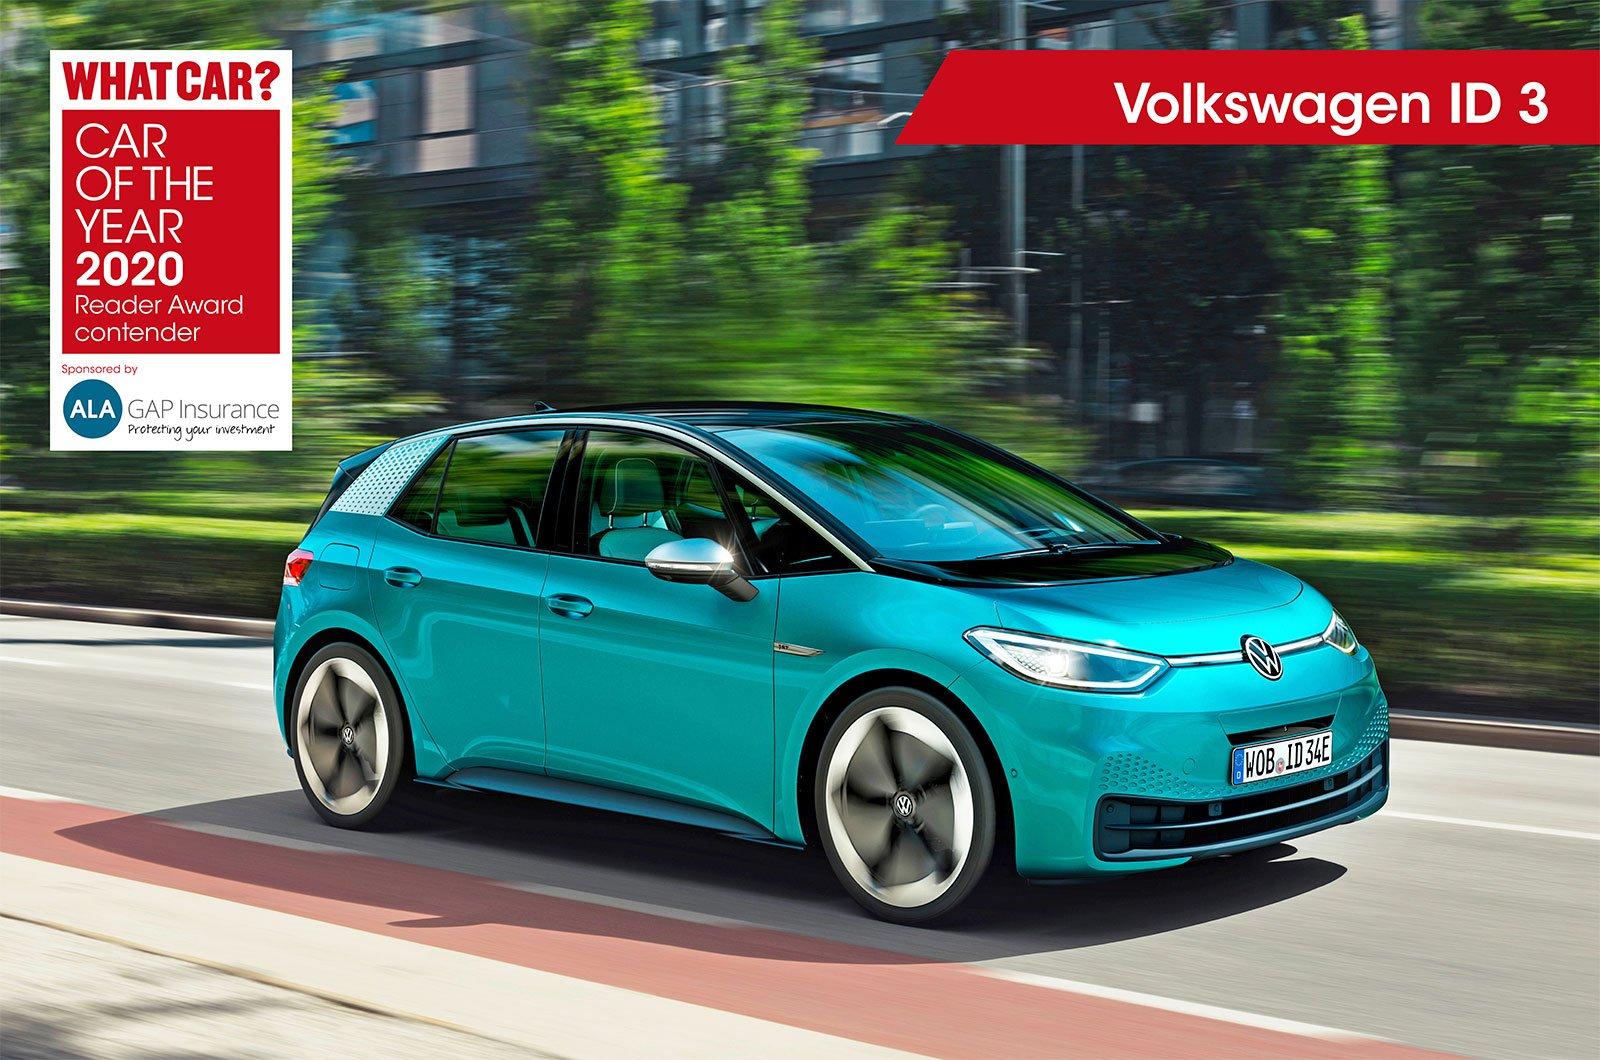 Volkswagen ID 3 Reader Award